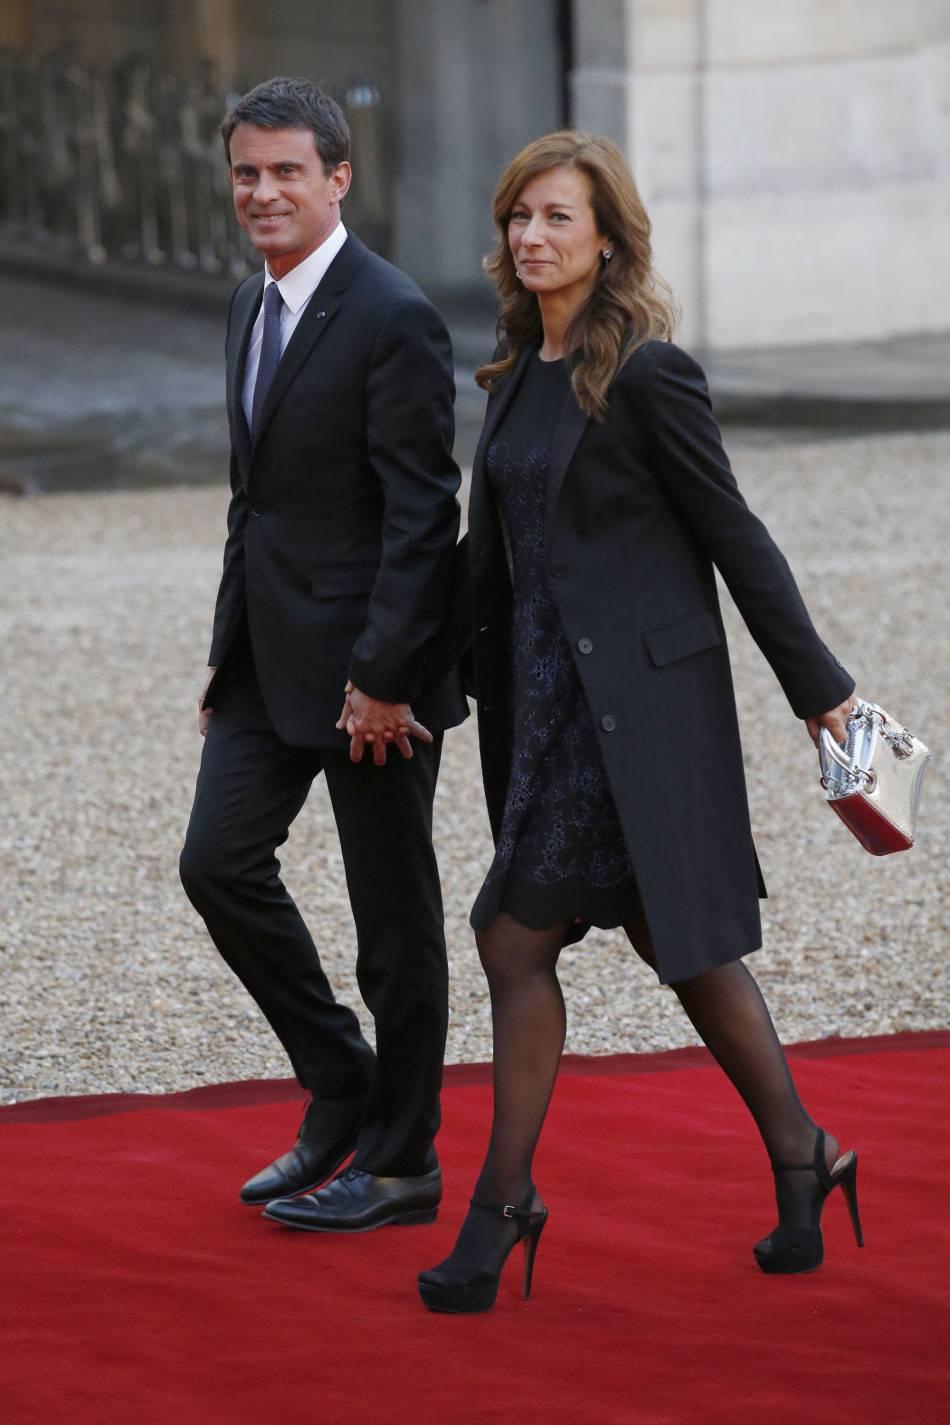 Manuel Valls et Anne Gravoin ont été conviés mardi 26 avril à un dîner à l'Elysée donné en l'honneur du gouverneur de l'Australie.